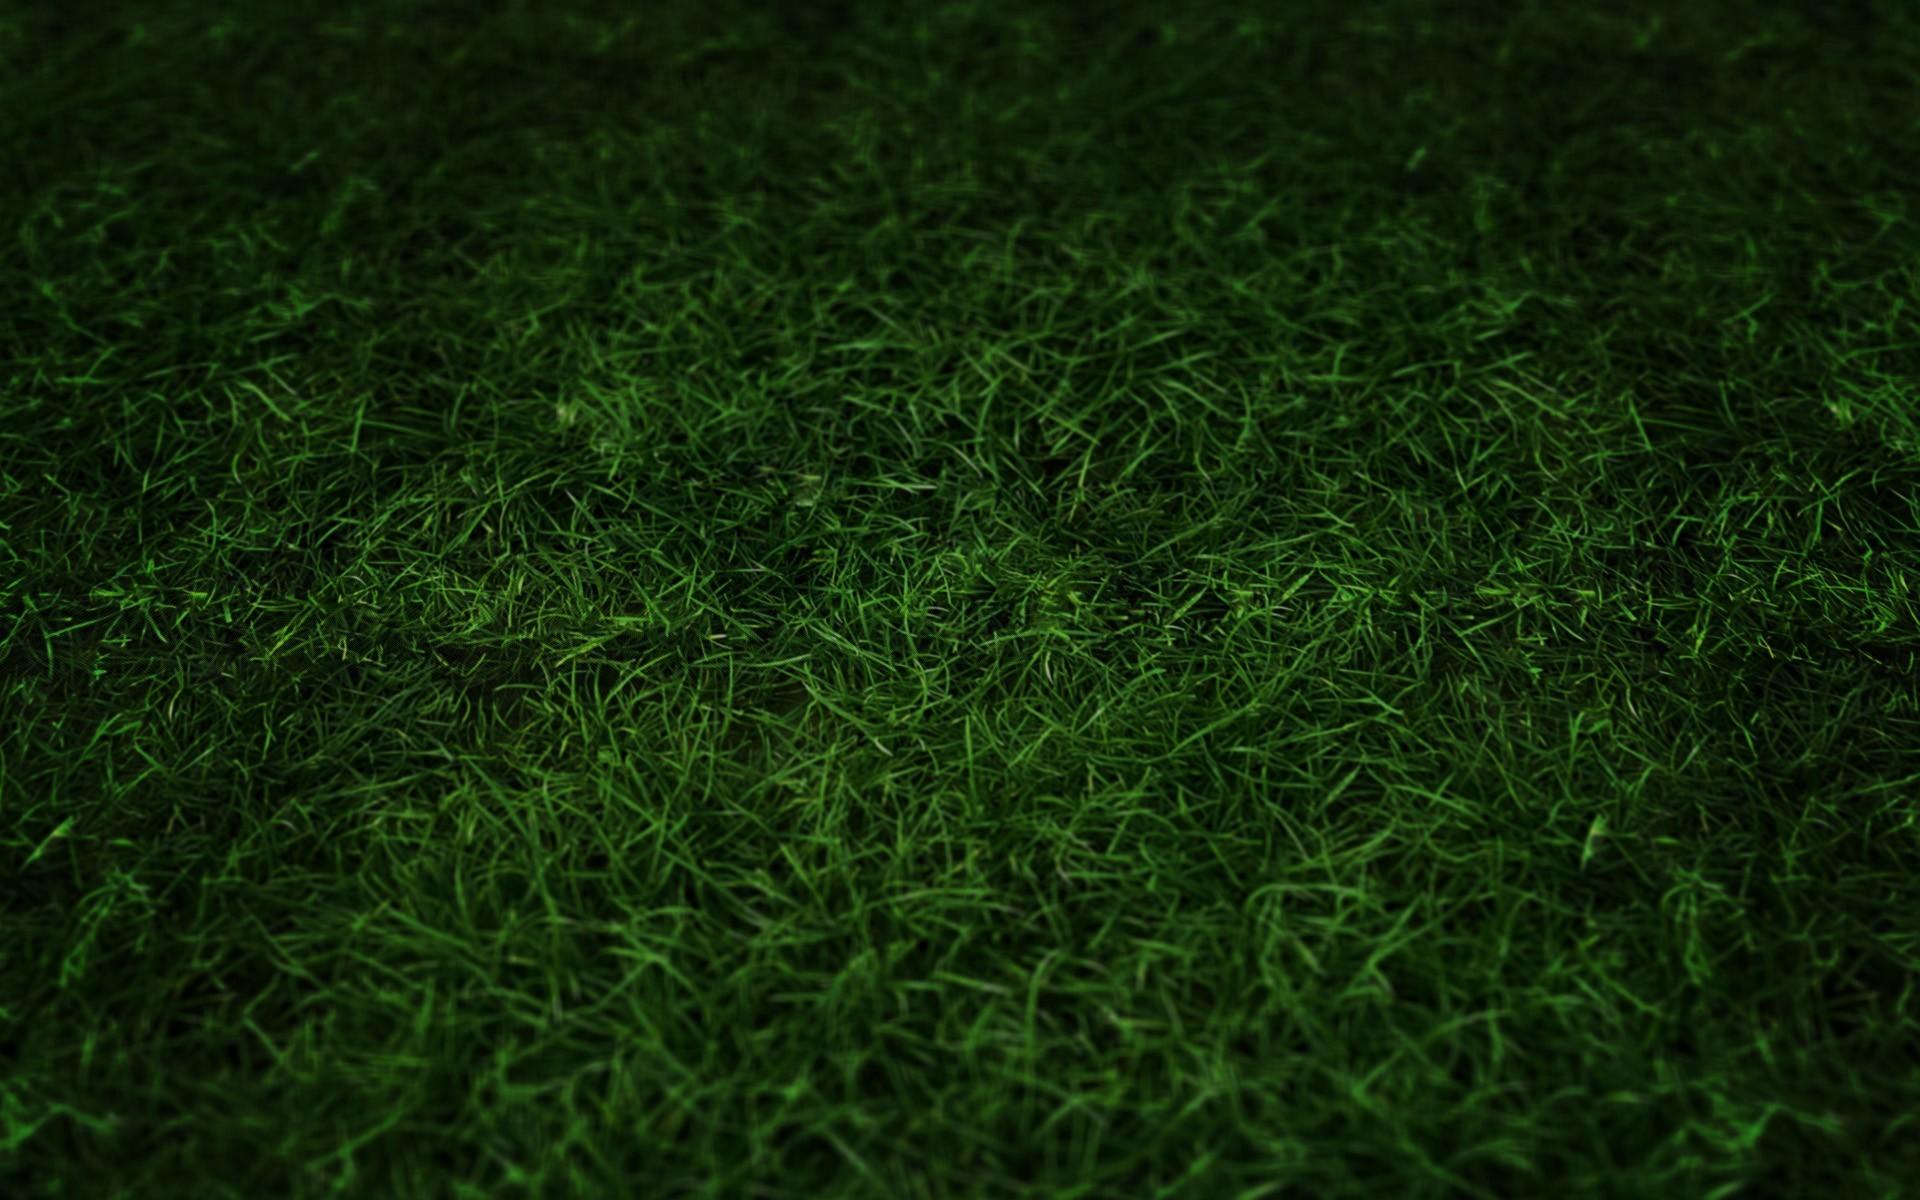 Football Field Grass Wallpaper Green Grass 1280x800 Wallpaper Nagios